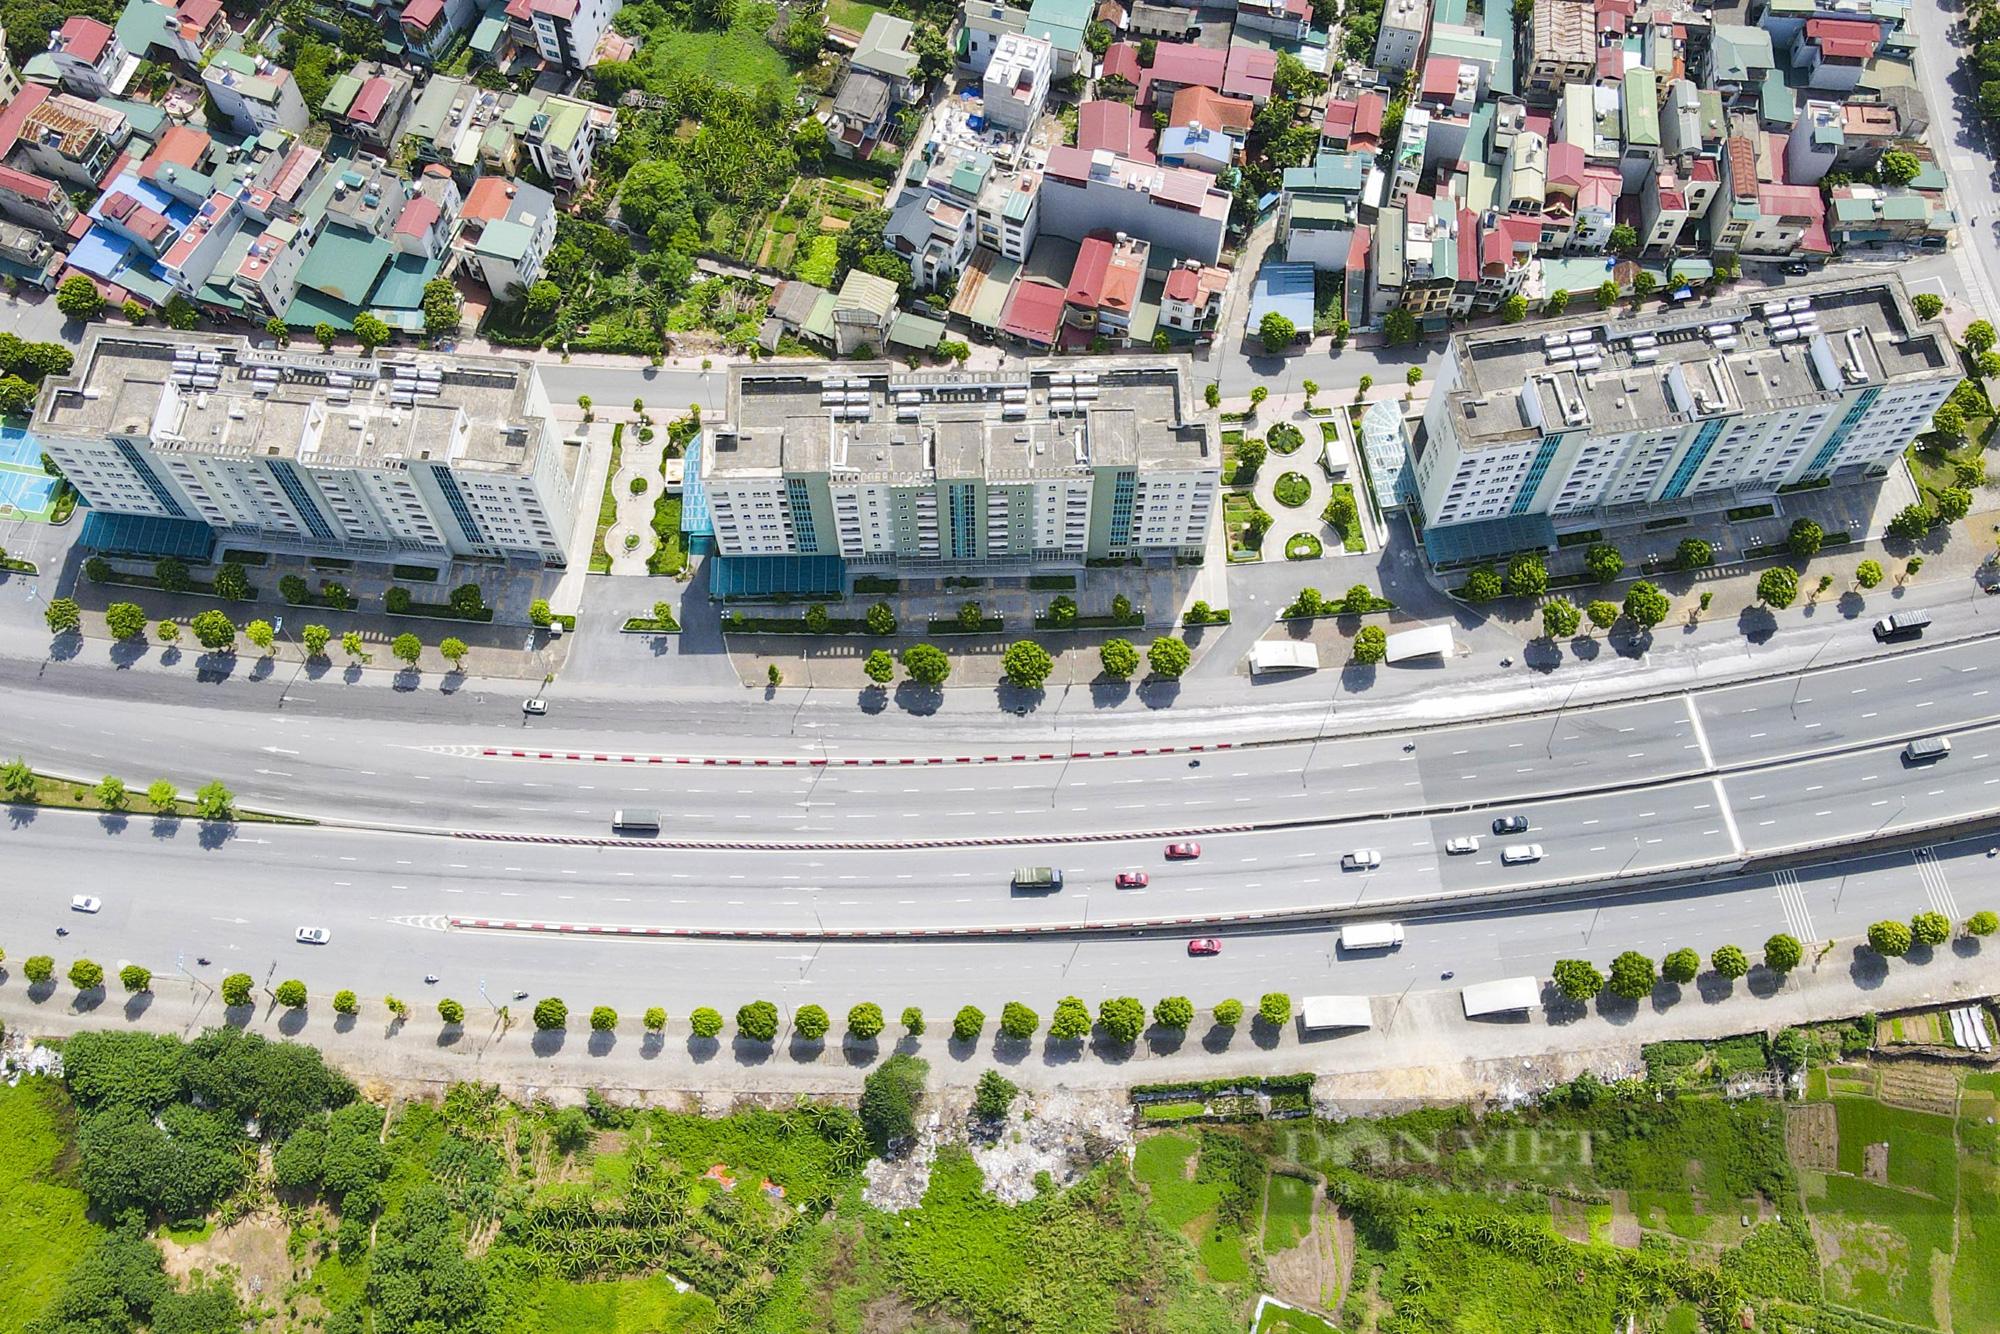 Điểm qua các khu nhà tái định cư được trưng dụng là bệnh viện dã chiến tại Hà Nội - Ảnh 10.